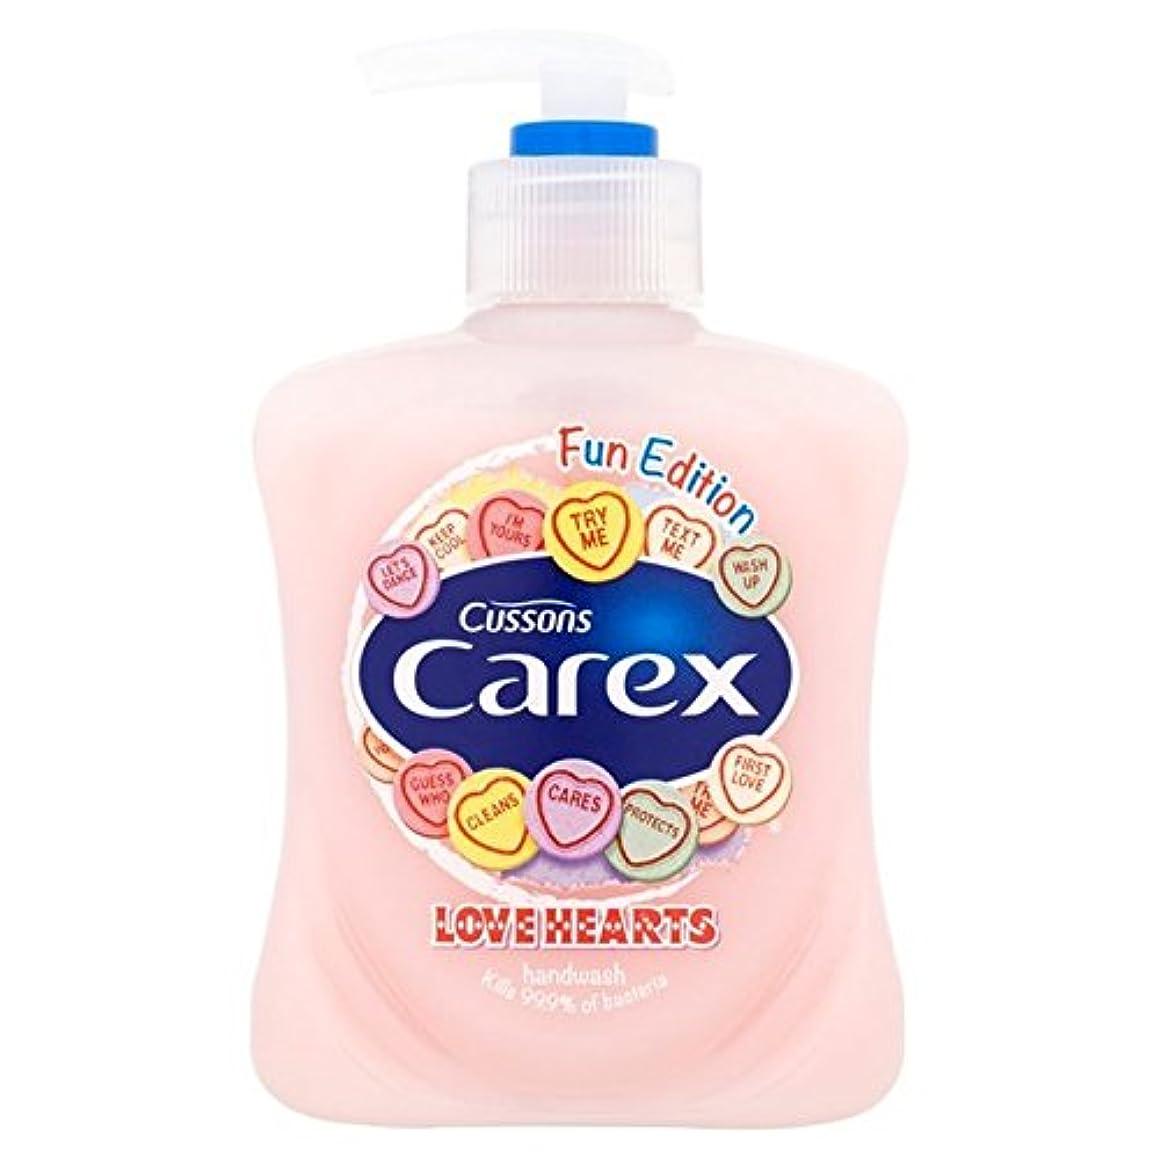 時計補助肘掛け椅子Carex Fun Edition Love Hearts Hand Wash 250ml (Pack of 6) - スゲ楽しい版愛の心のハンドウォッシュ250ミリリットル x6 [並行輸入品]